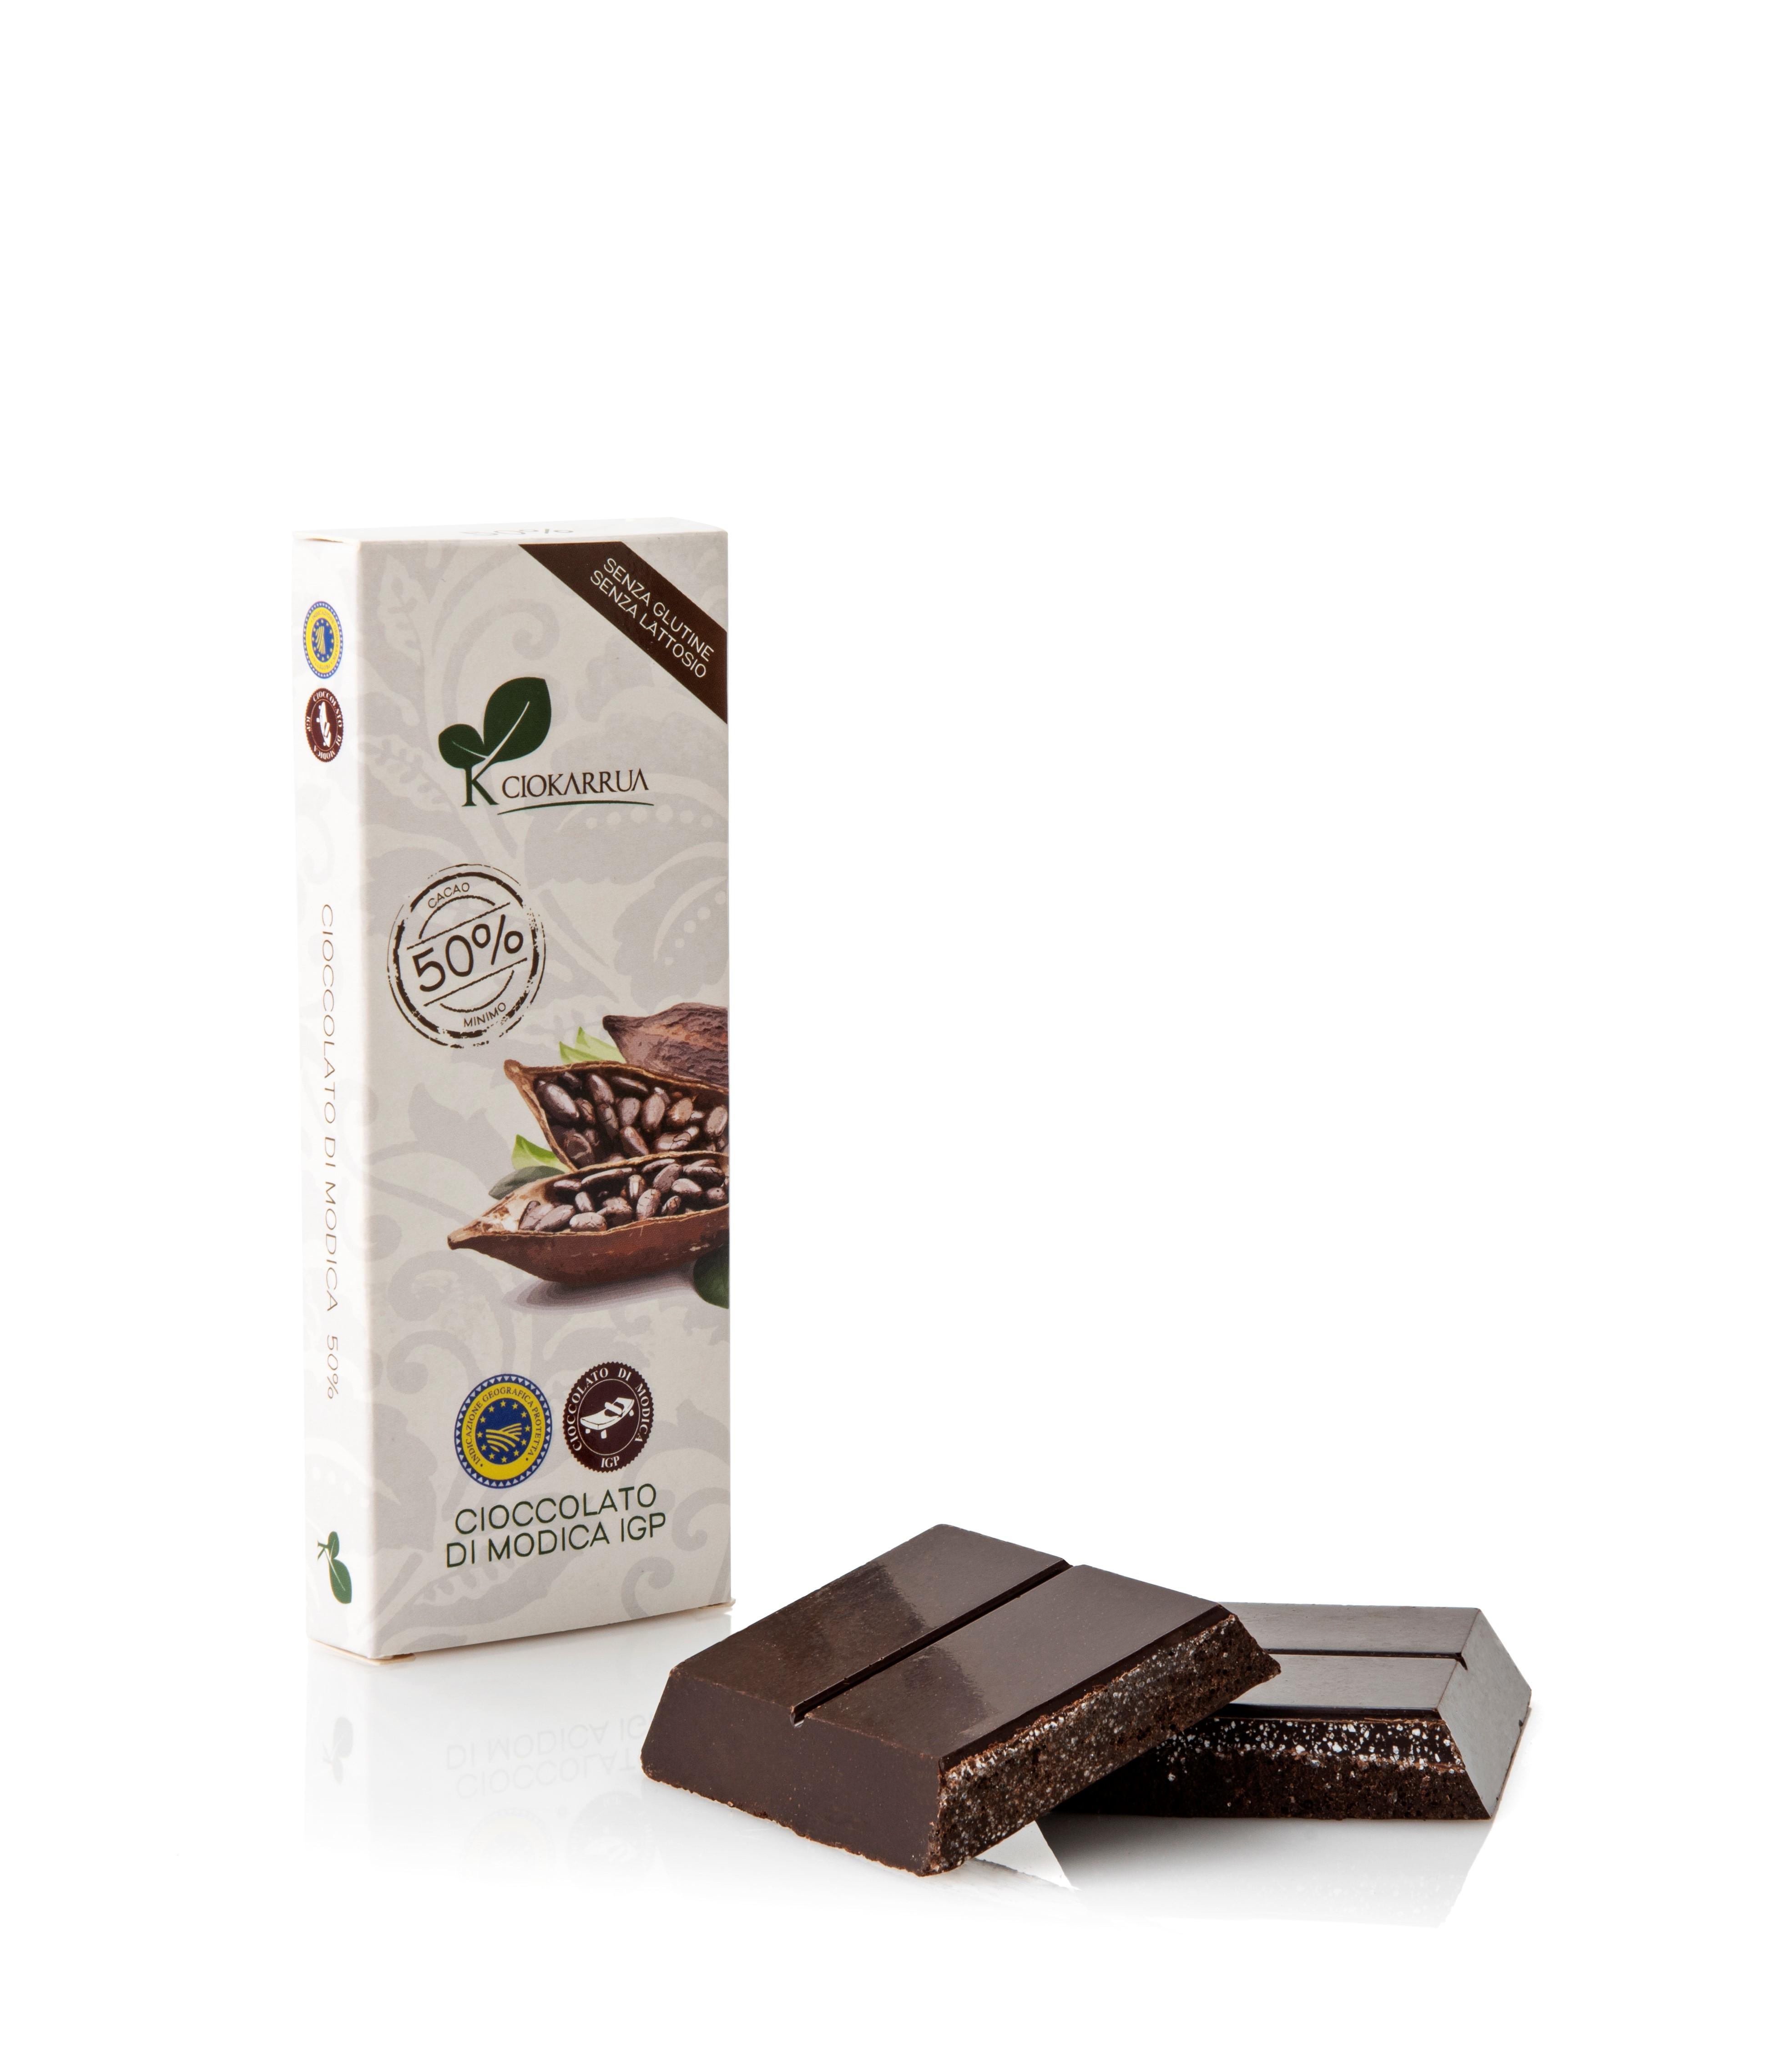 Ciocolata de Modica, Ciokarrua, 50% cacao, 100 g1